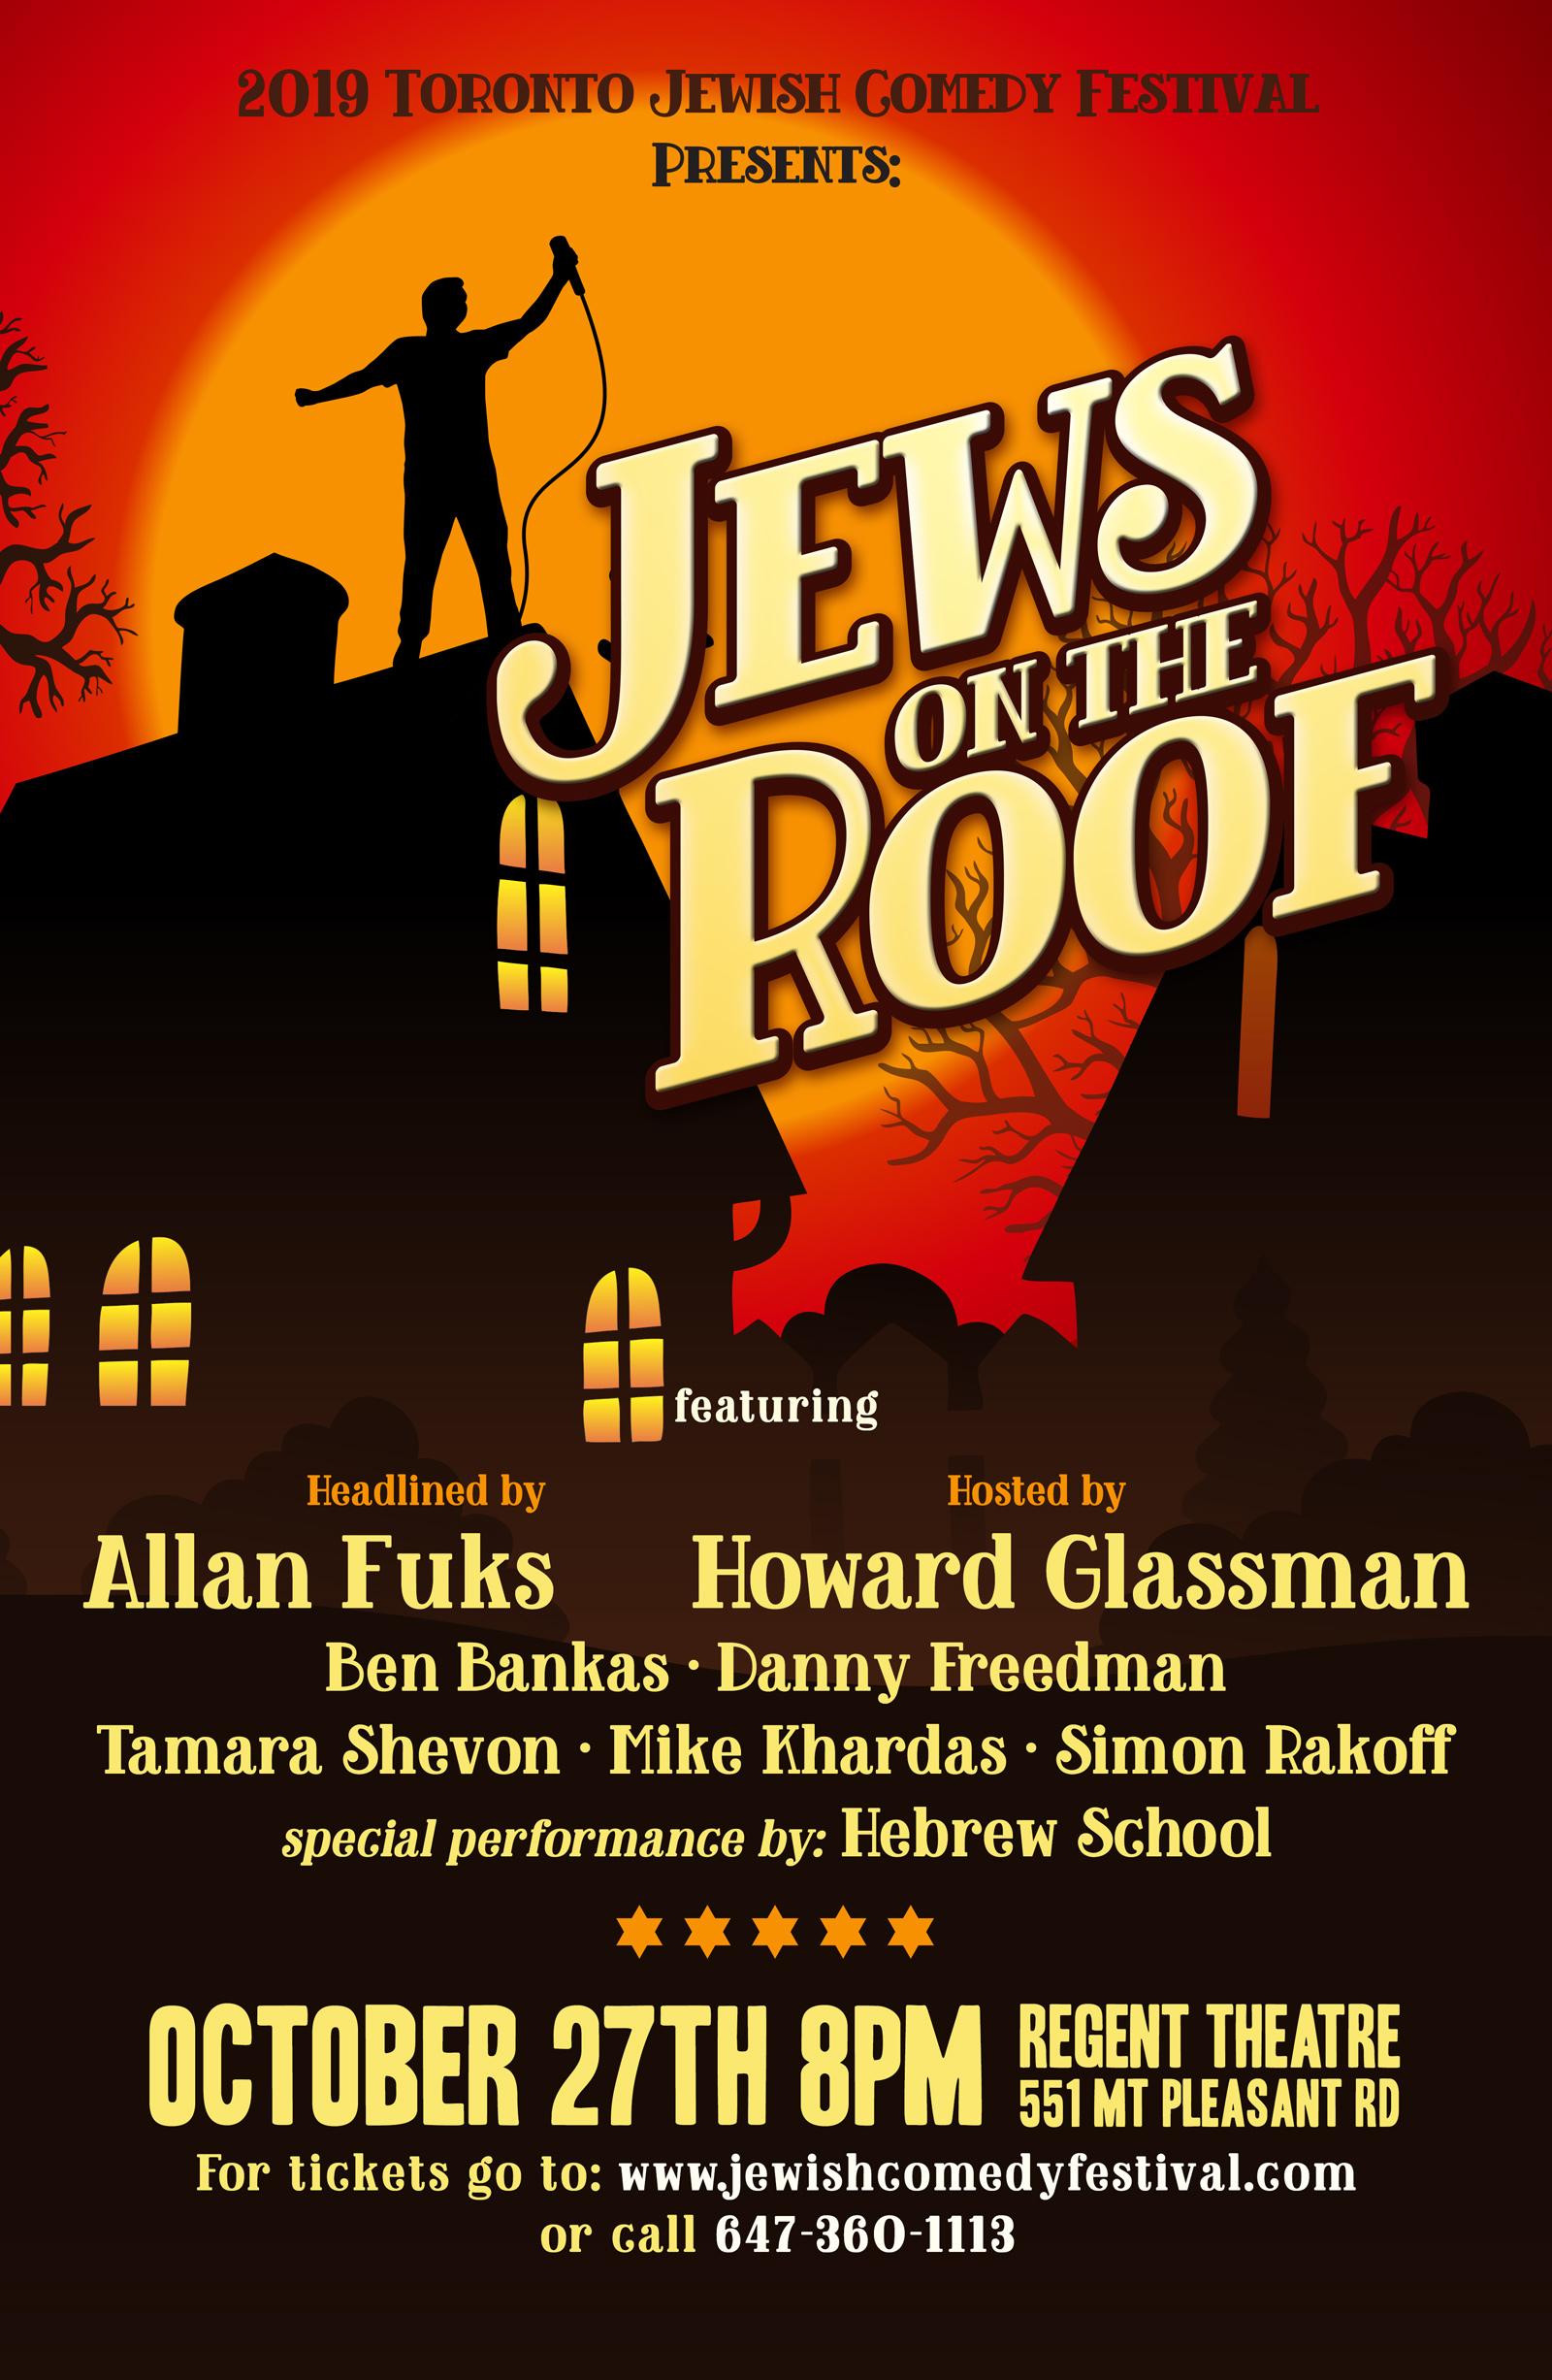 Jewish Comedy Festival